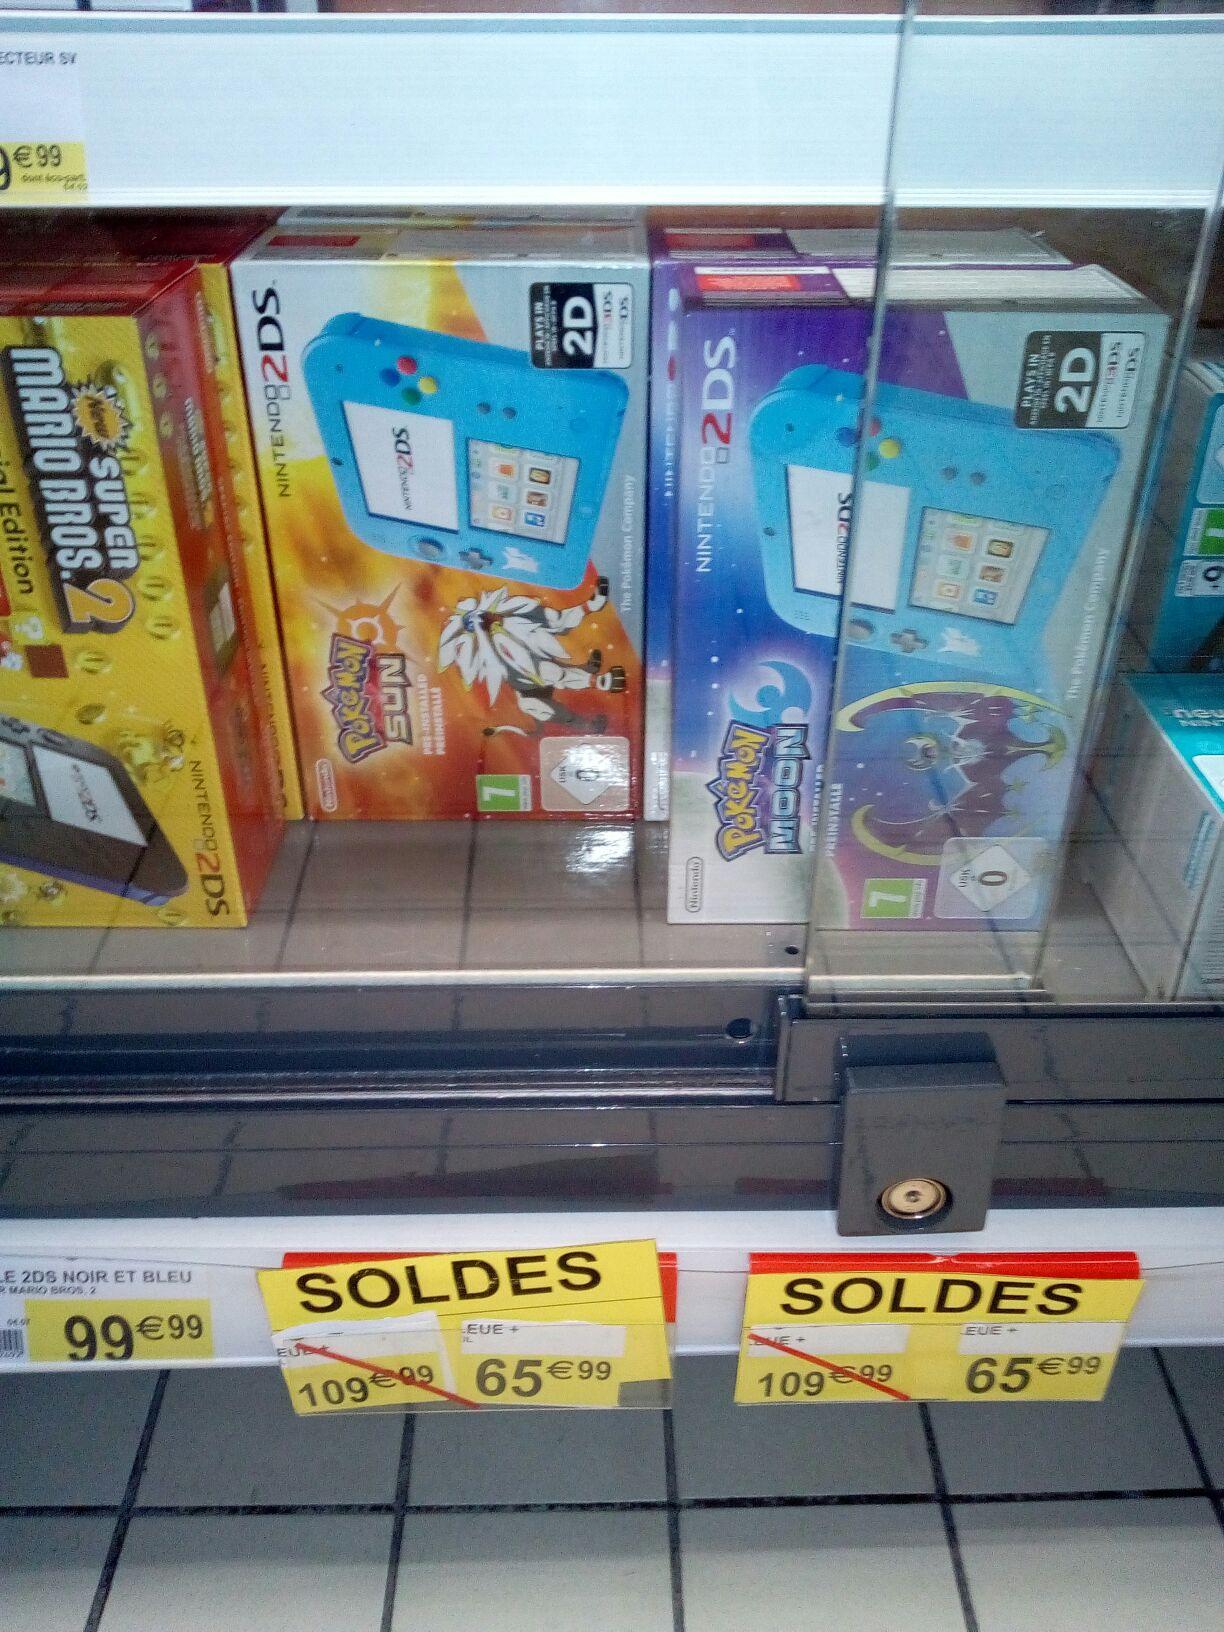 Console Nintendo 2DS édition spéciale + Pokémon : Lune ou Soleil au Saint-Dizier (52)